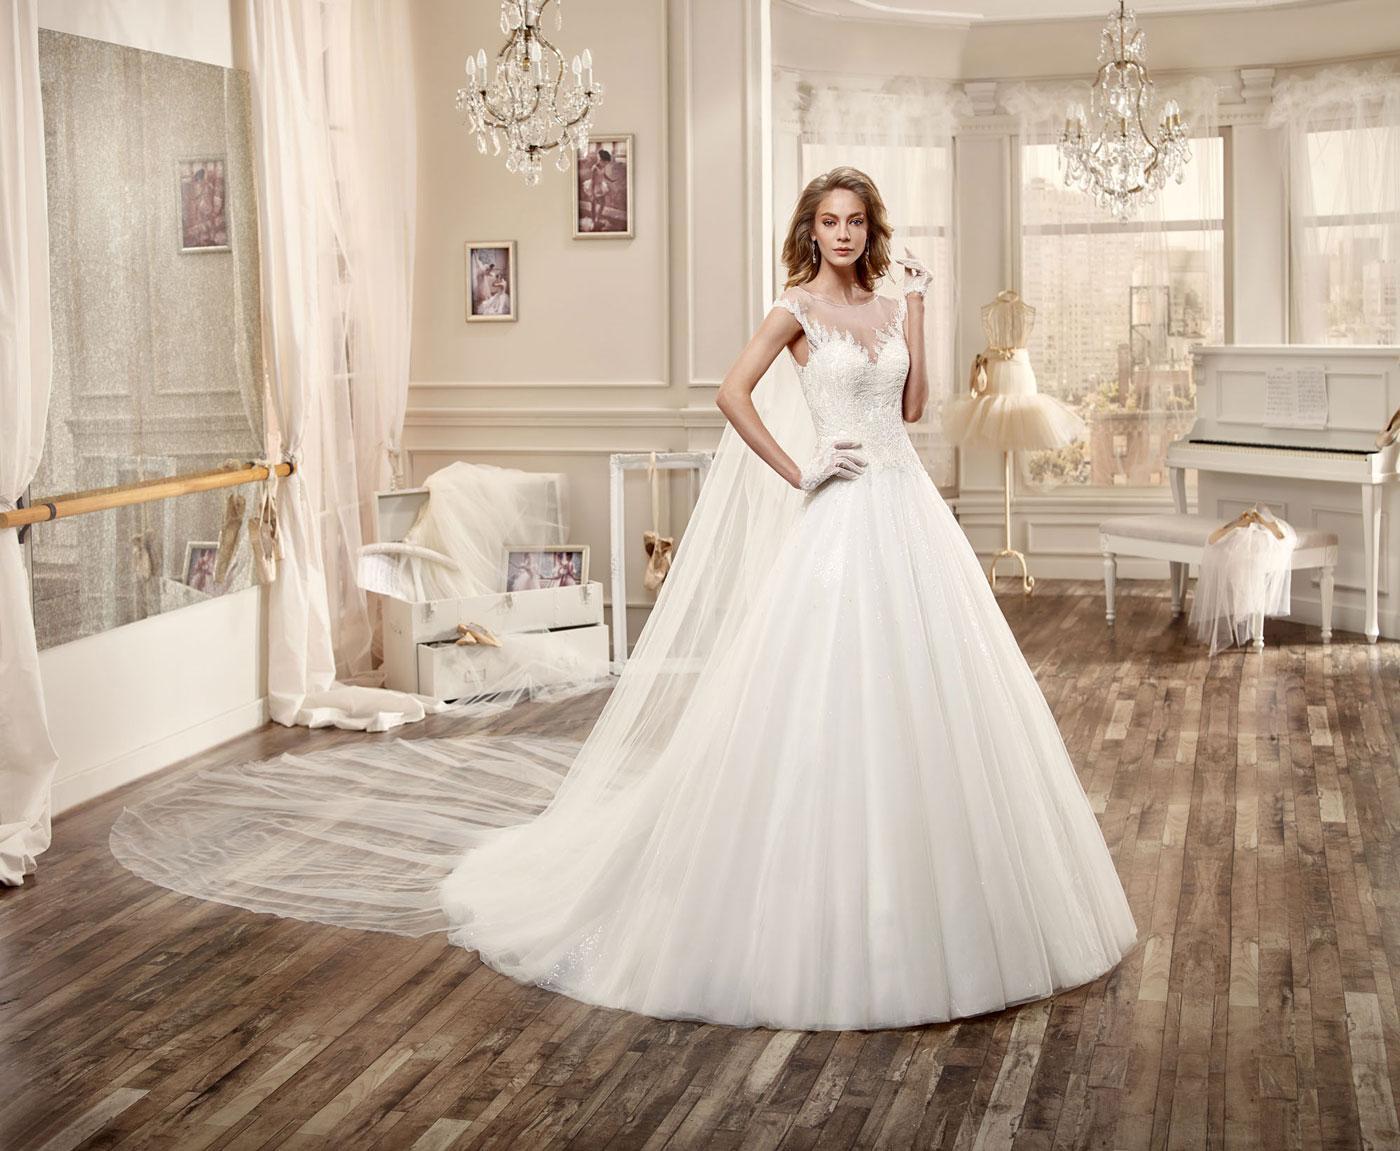 Popolare Nicole Spose collezione 2016 abiti sposa36 | ABITI DA SPOSA MF63